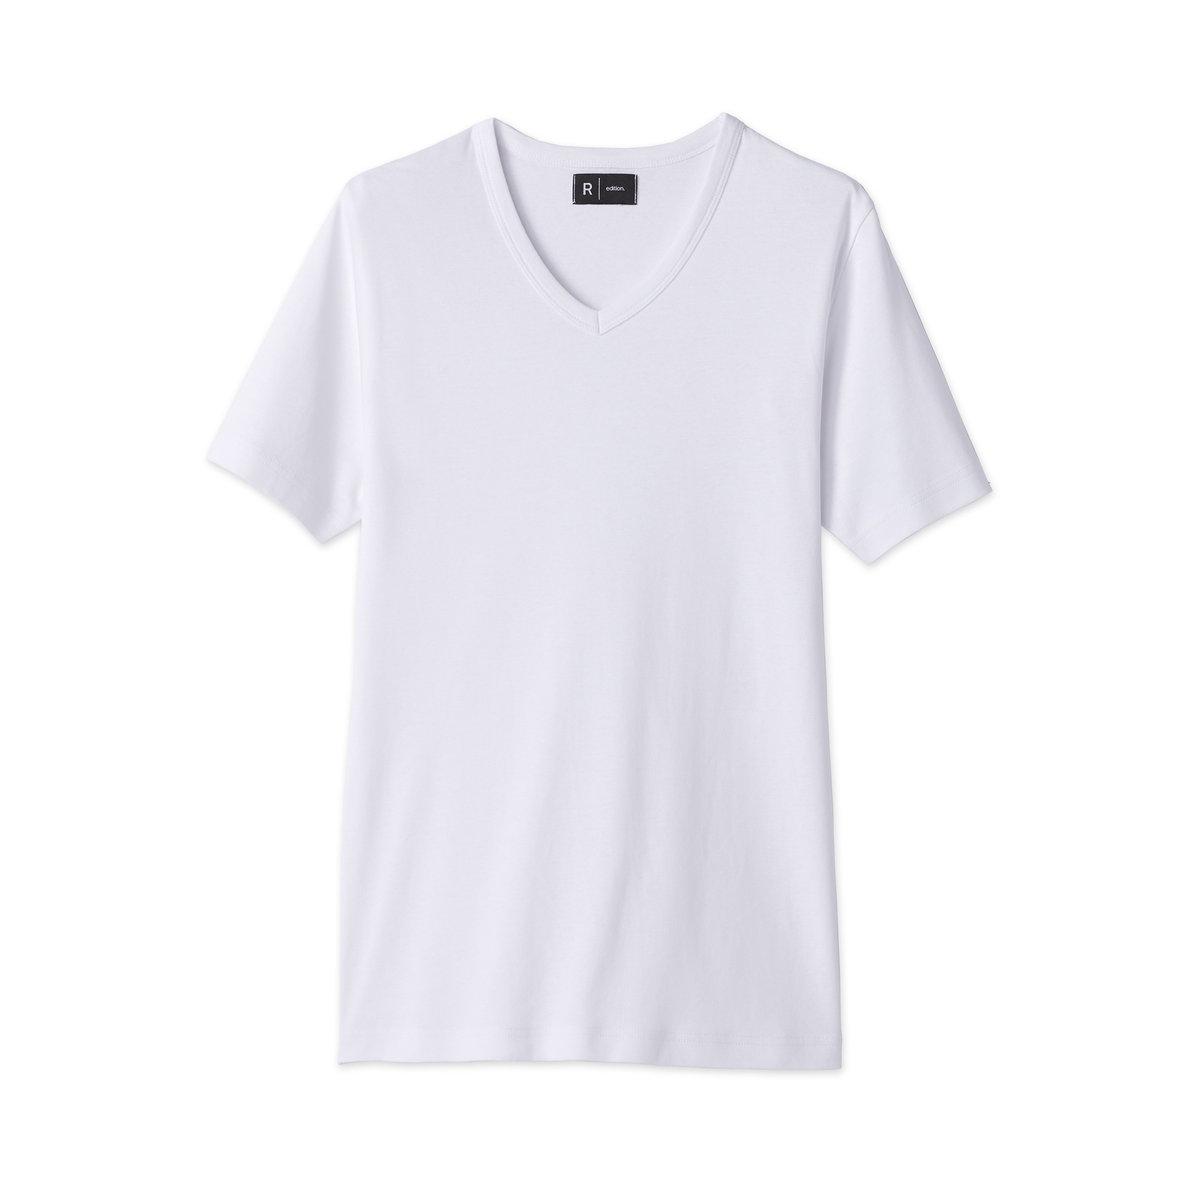 Комплект из 3 футболок с V-образным вырезом*Международный знак Oeko-Tex гарантирует отсутствие вредных и раздражающих кожу веществ.<br><br>Цвет: белый + белый + белый<br>Размер: XXL.XL